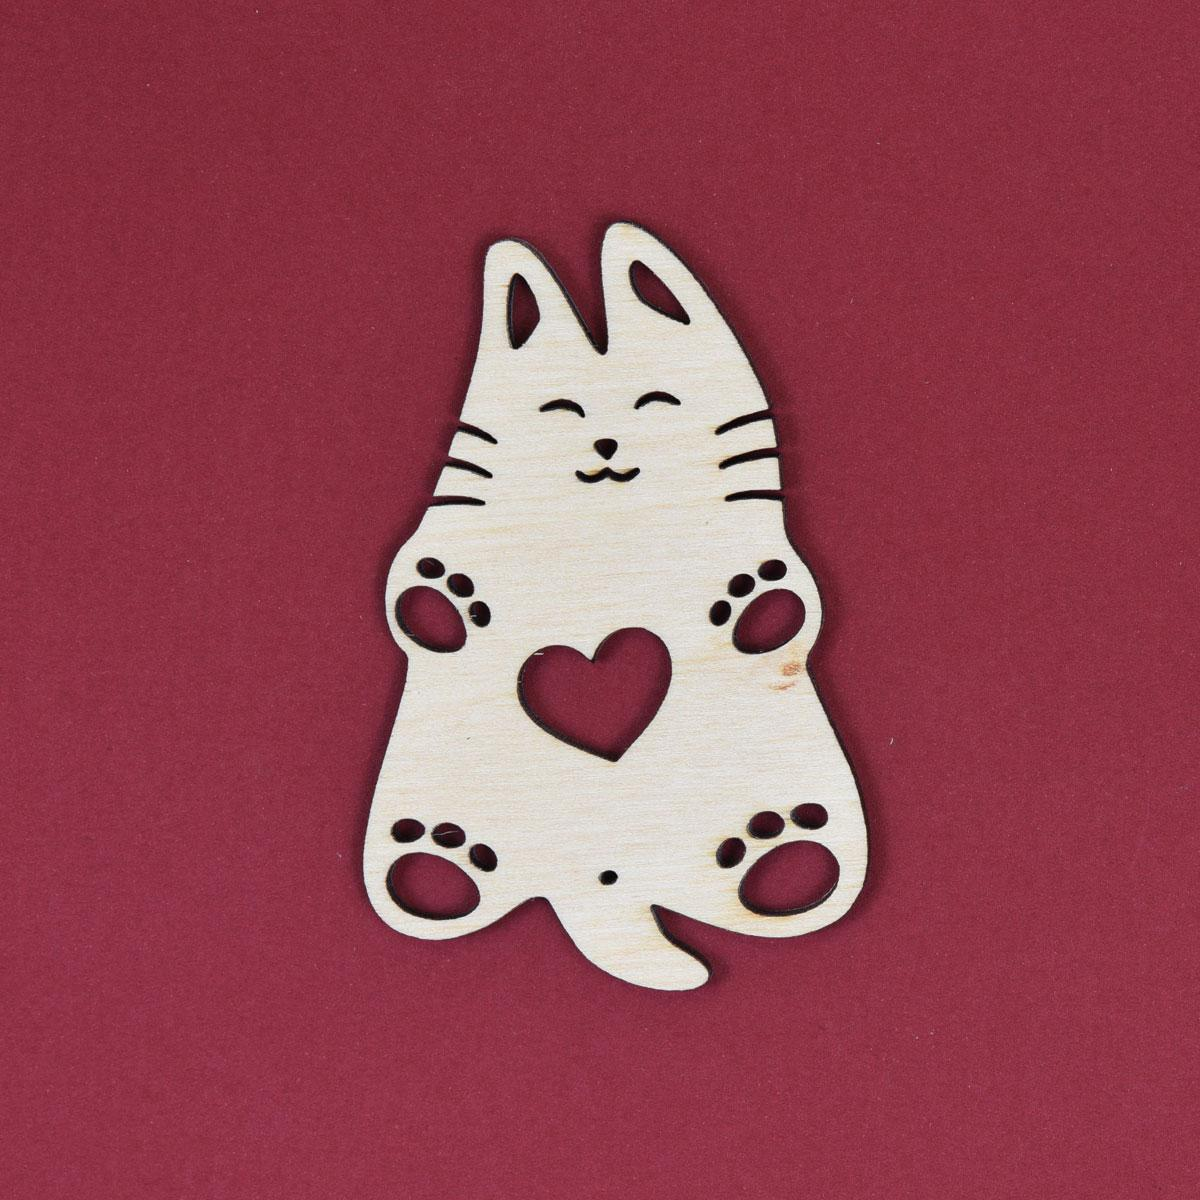 Подвесная игрушка - Спокойный котик (IP-43)